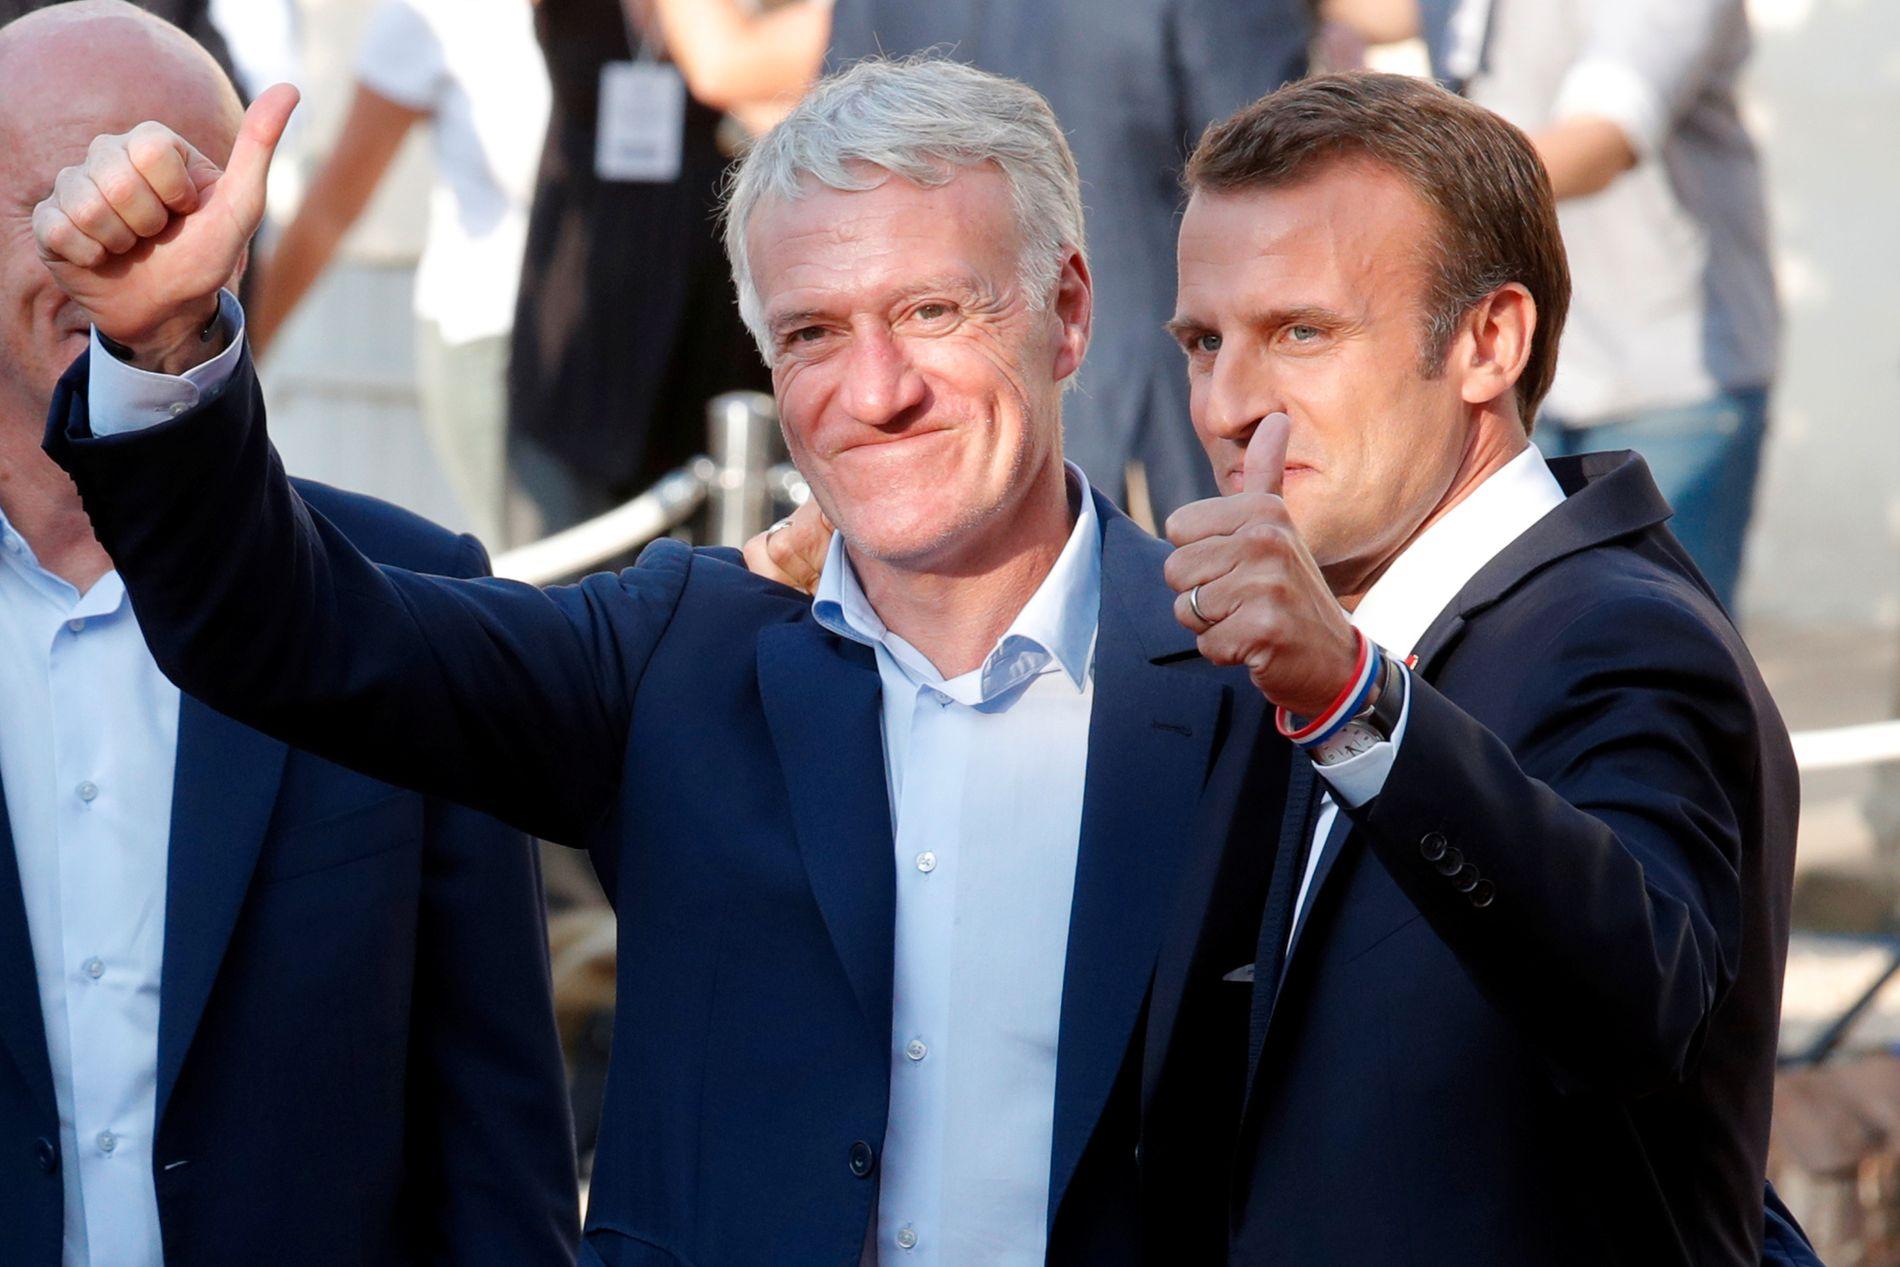 Frankrikes president Emmanuel Macron (t.h) er åpenbart en viktig mann i hjemlandet, men akkurat nå er nok mannen til venstre enda mer populær. Didier Deschamps har ledet Frankrike til to VM-gull - ett som kaptein i 1998 og ett som trener denne sommeren.